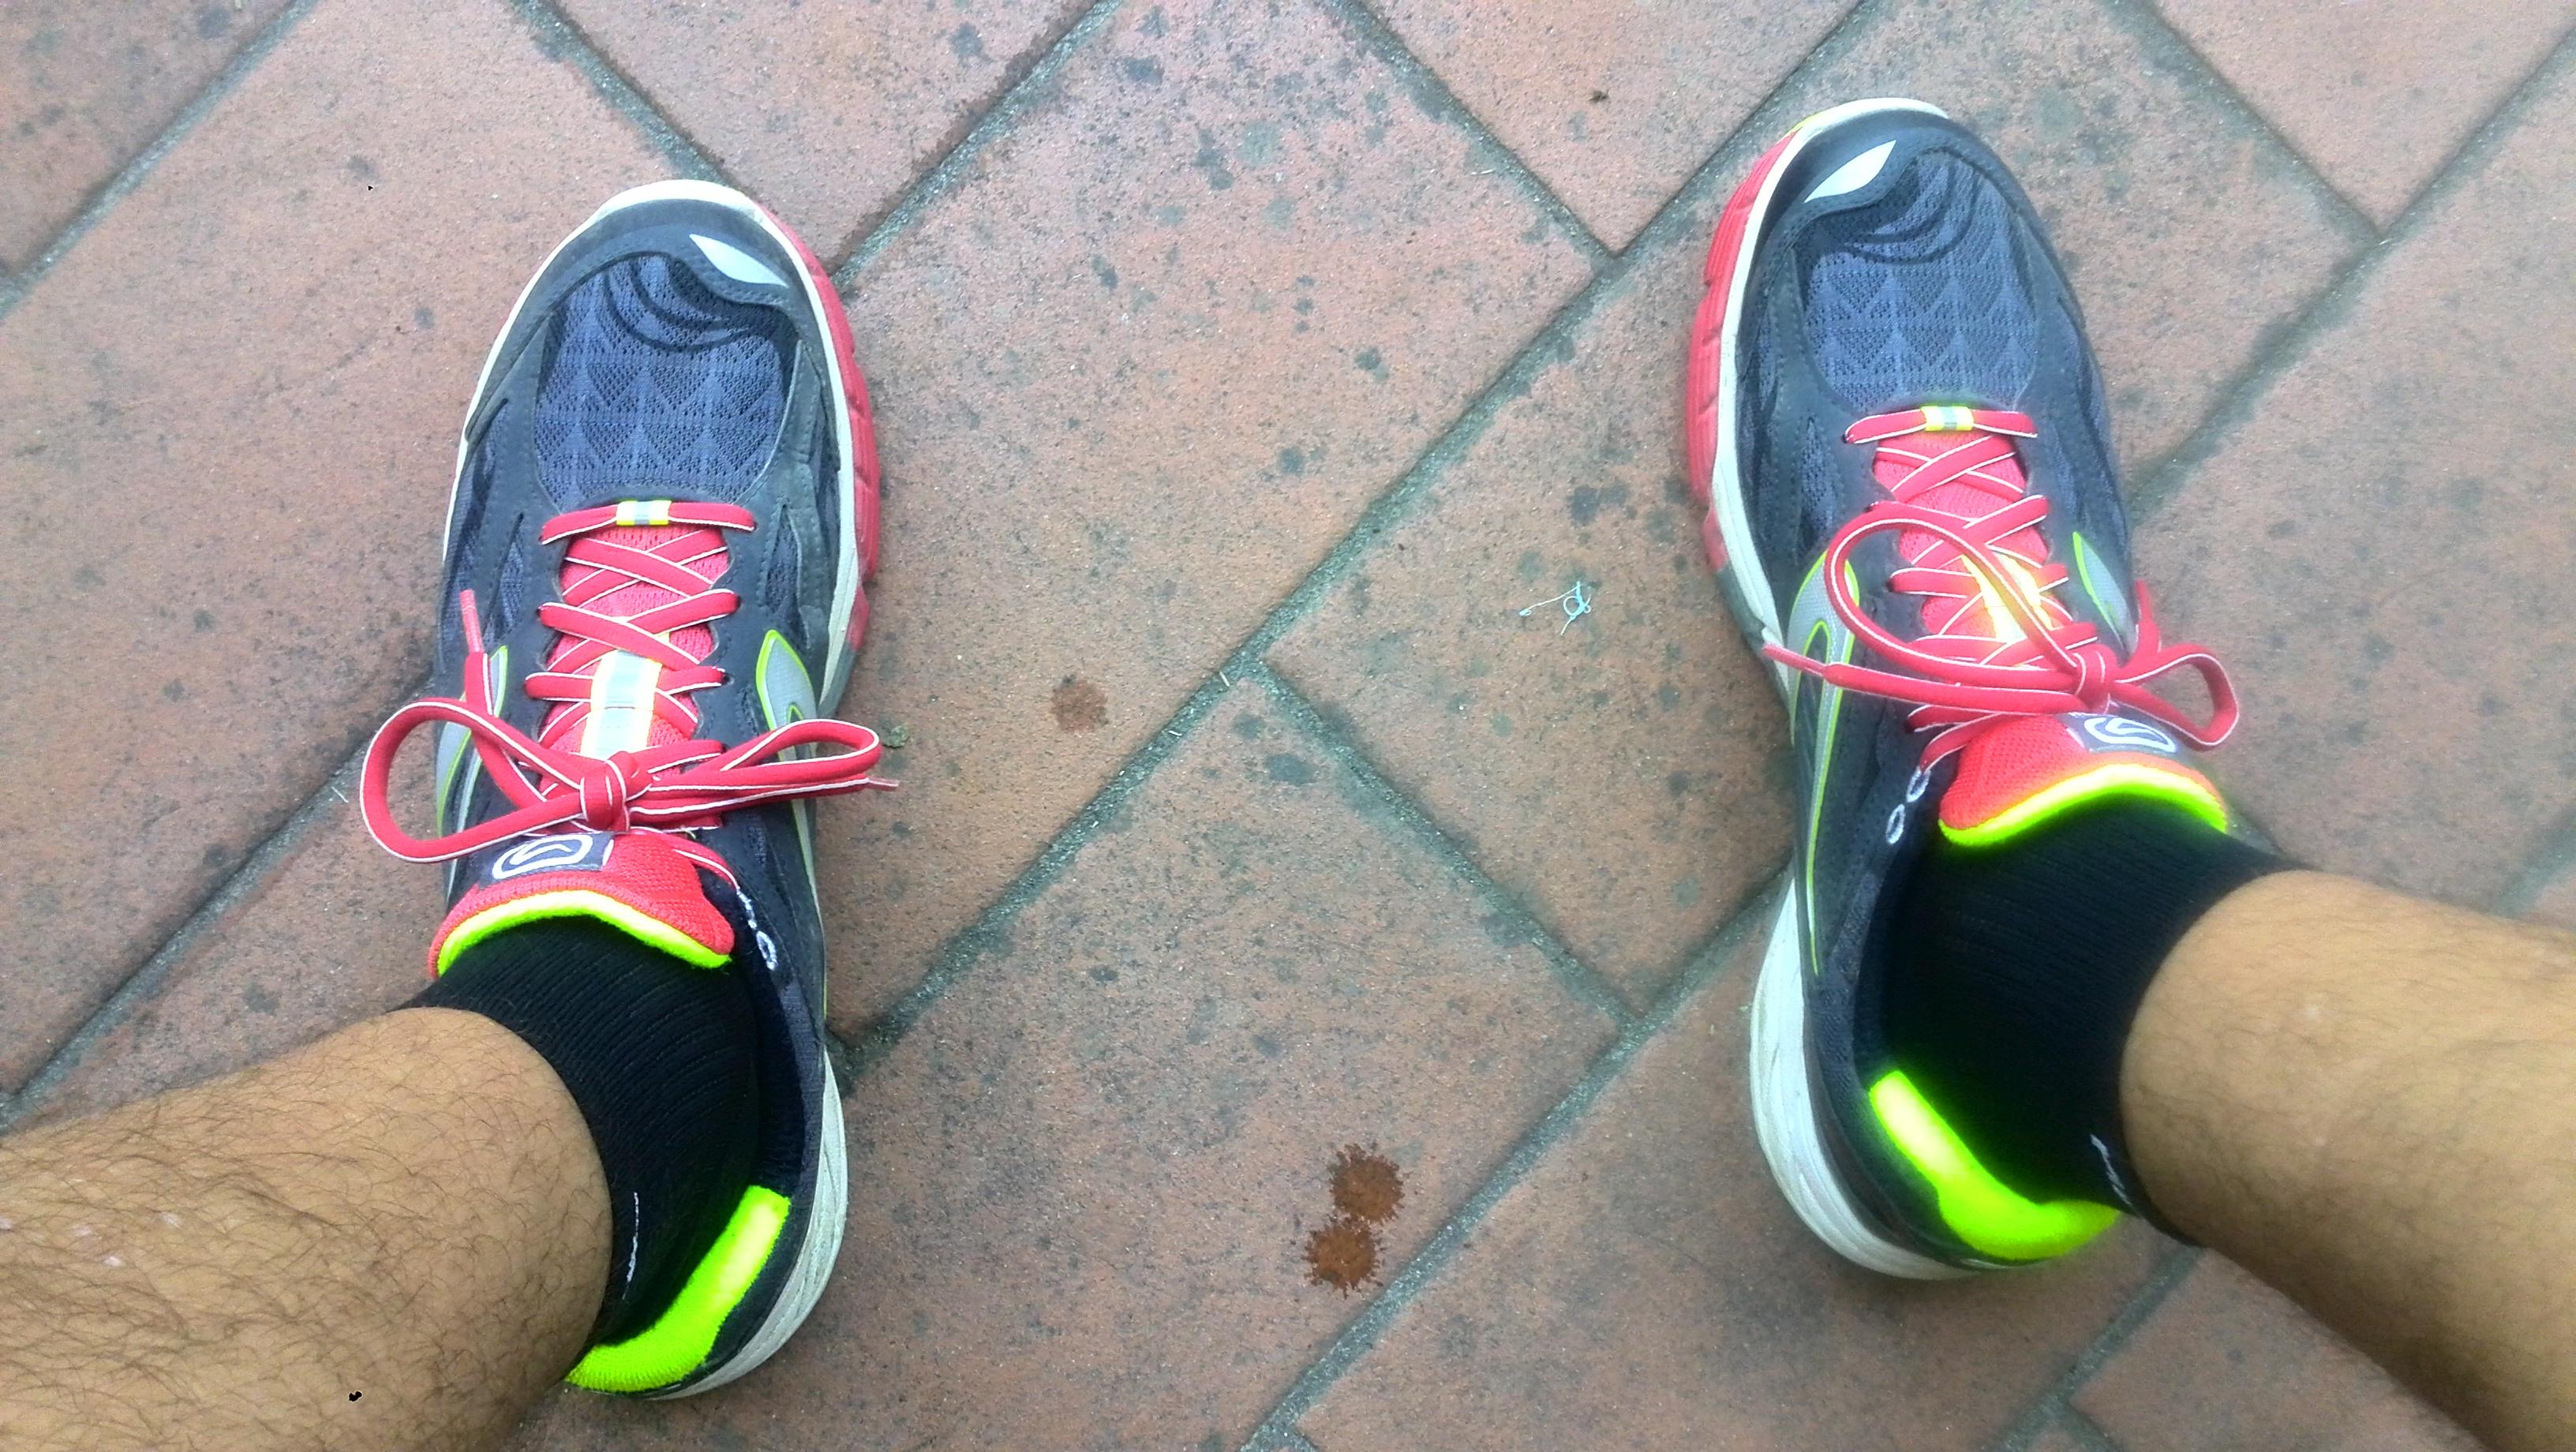 Operazione Runner n°2 - Le mie scarpe da corsa